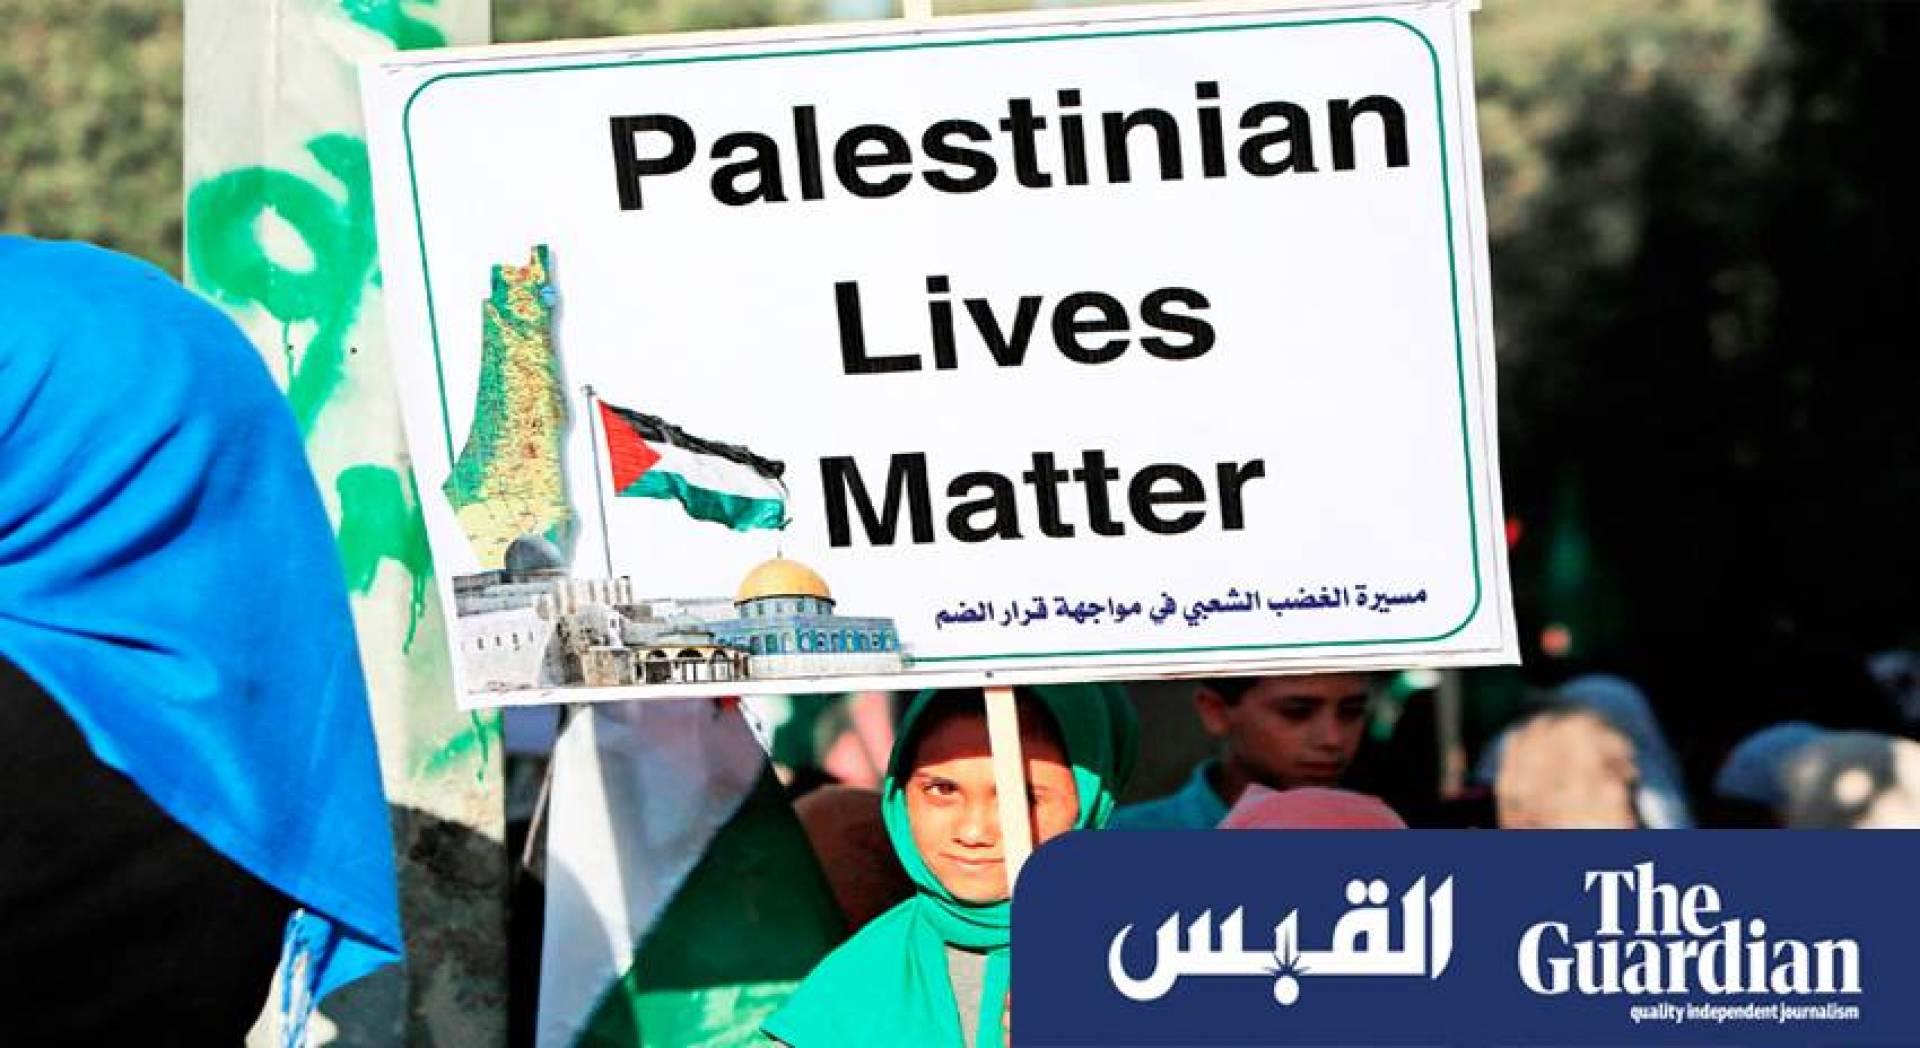 فلسطينية تحمل لافتة كتب عليها «حياة الفلسطينيين مهمة» خلال احتجاج في غزة ضد مساعي إسرائيل لضم أجزاء من الضفة الغربية